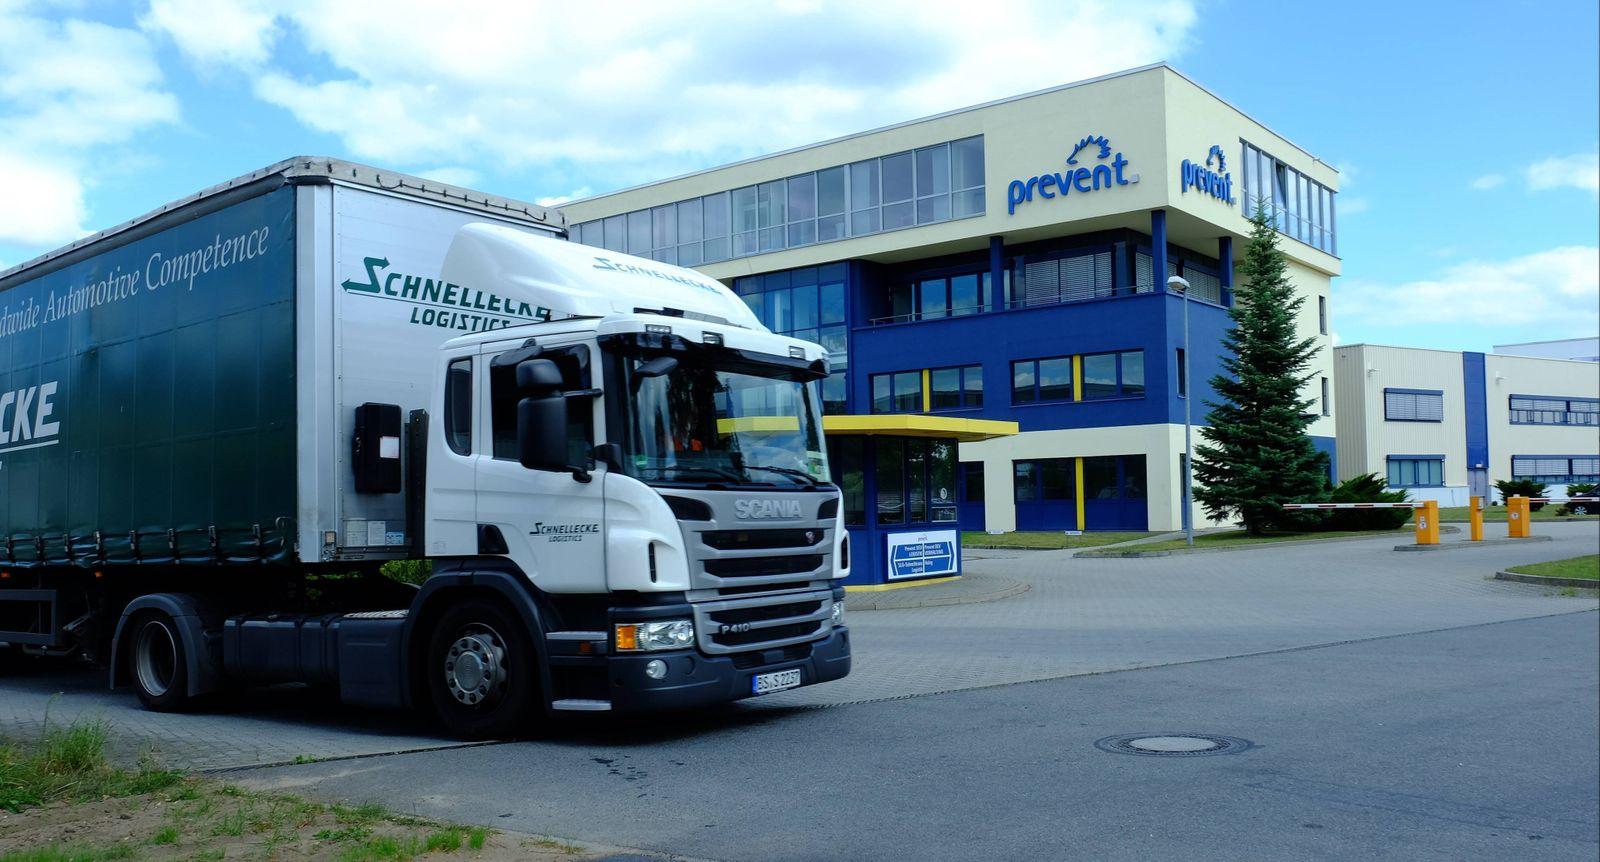 Wolfsburg Niedersachsen Firma Prevent in Warmenau (Gewerbegebiet) bei Wolfsburg. Bild zeigt: Symbolfoto des VW-Zulifere